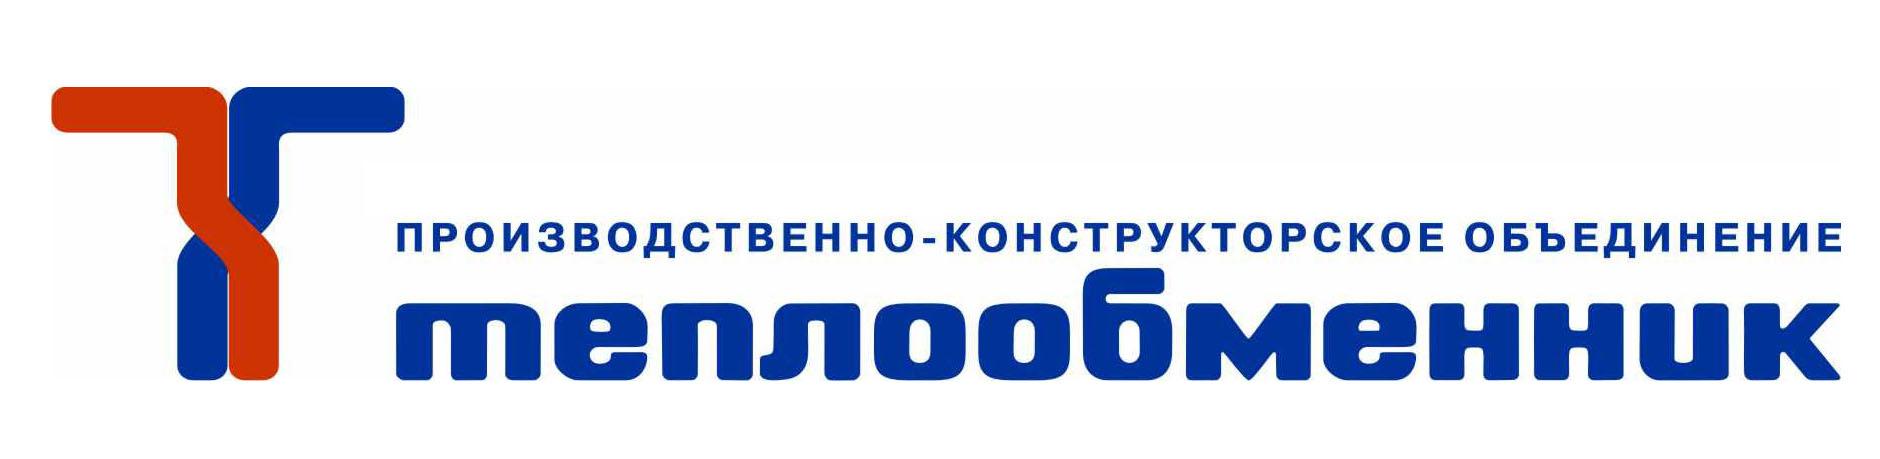 Завод теплообменник г н новгород Кожухотрубный испаритель ONDA SSE 41.301.2600 Кызыл